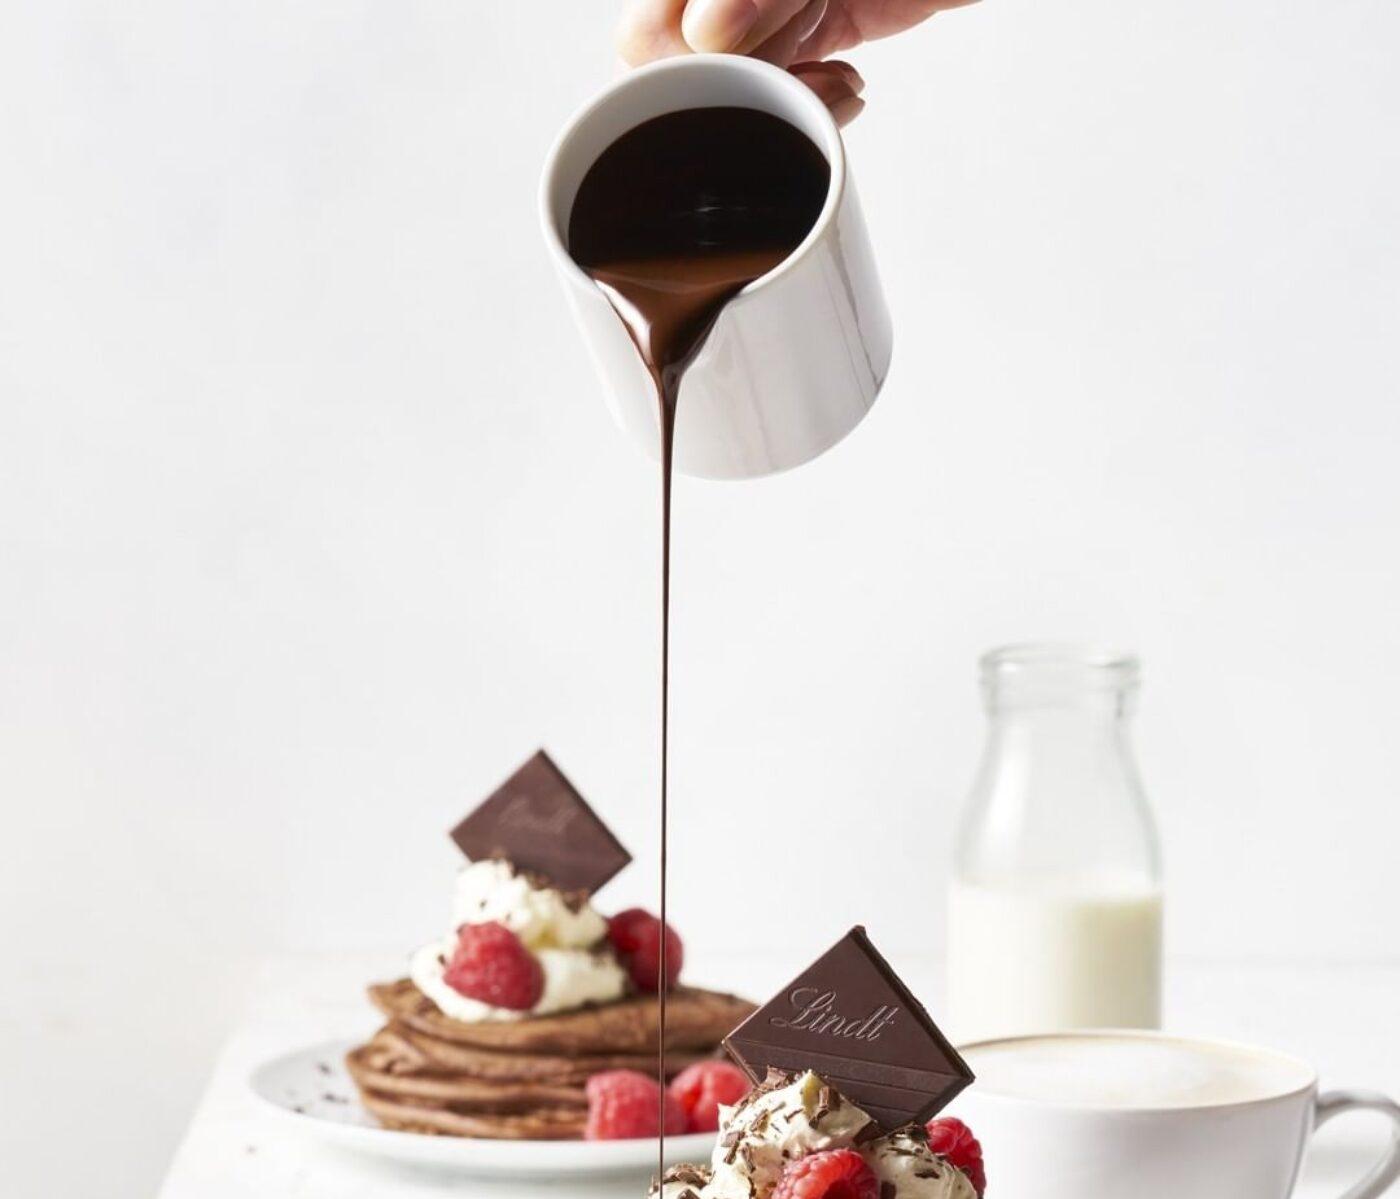 Lindt – Panqueques con Salsa de Chocolate Lindt